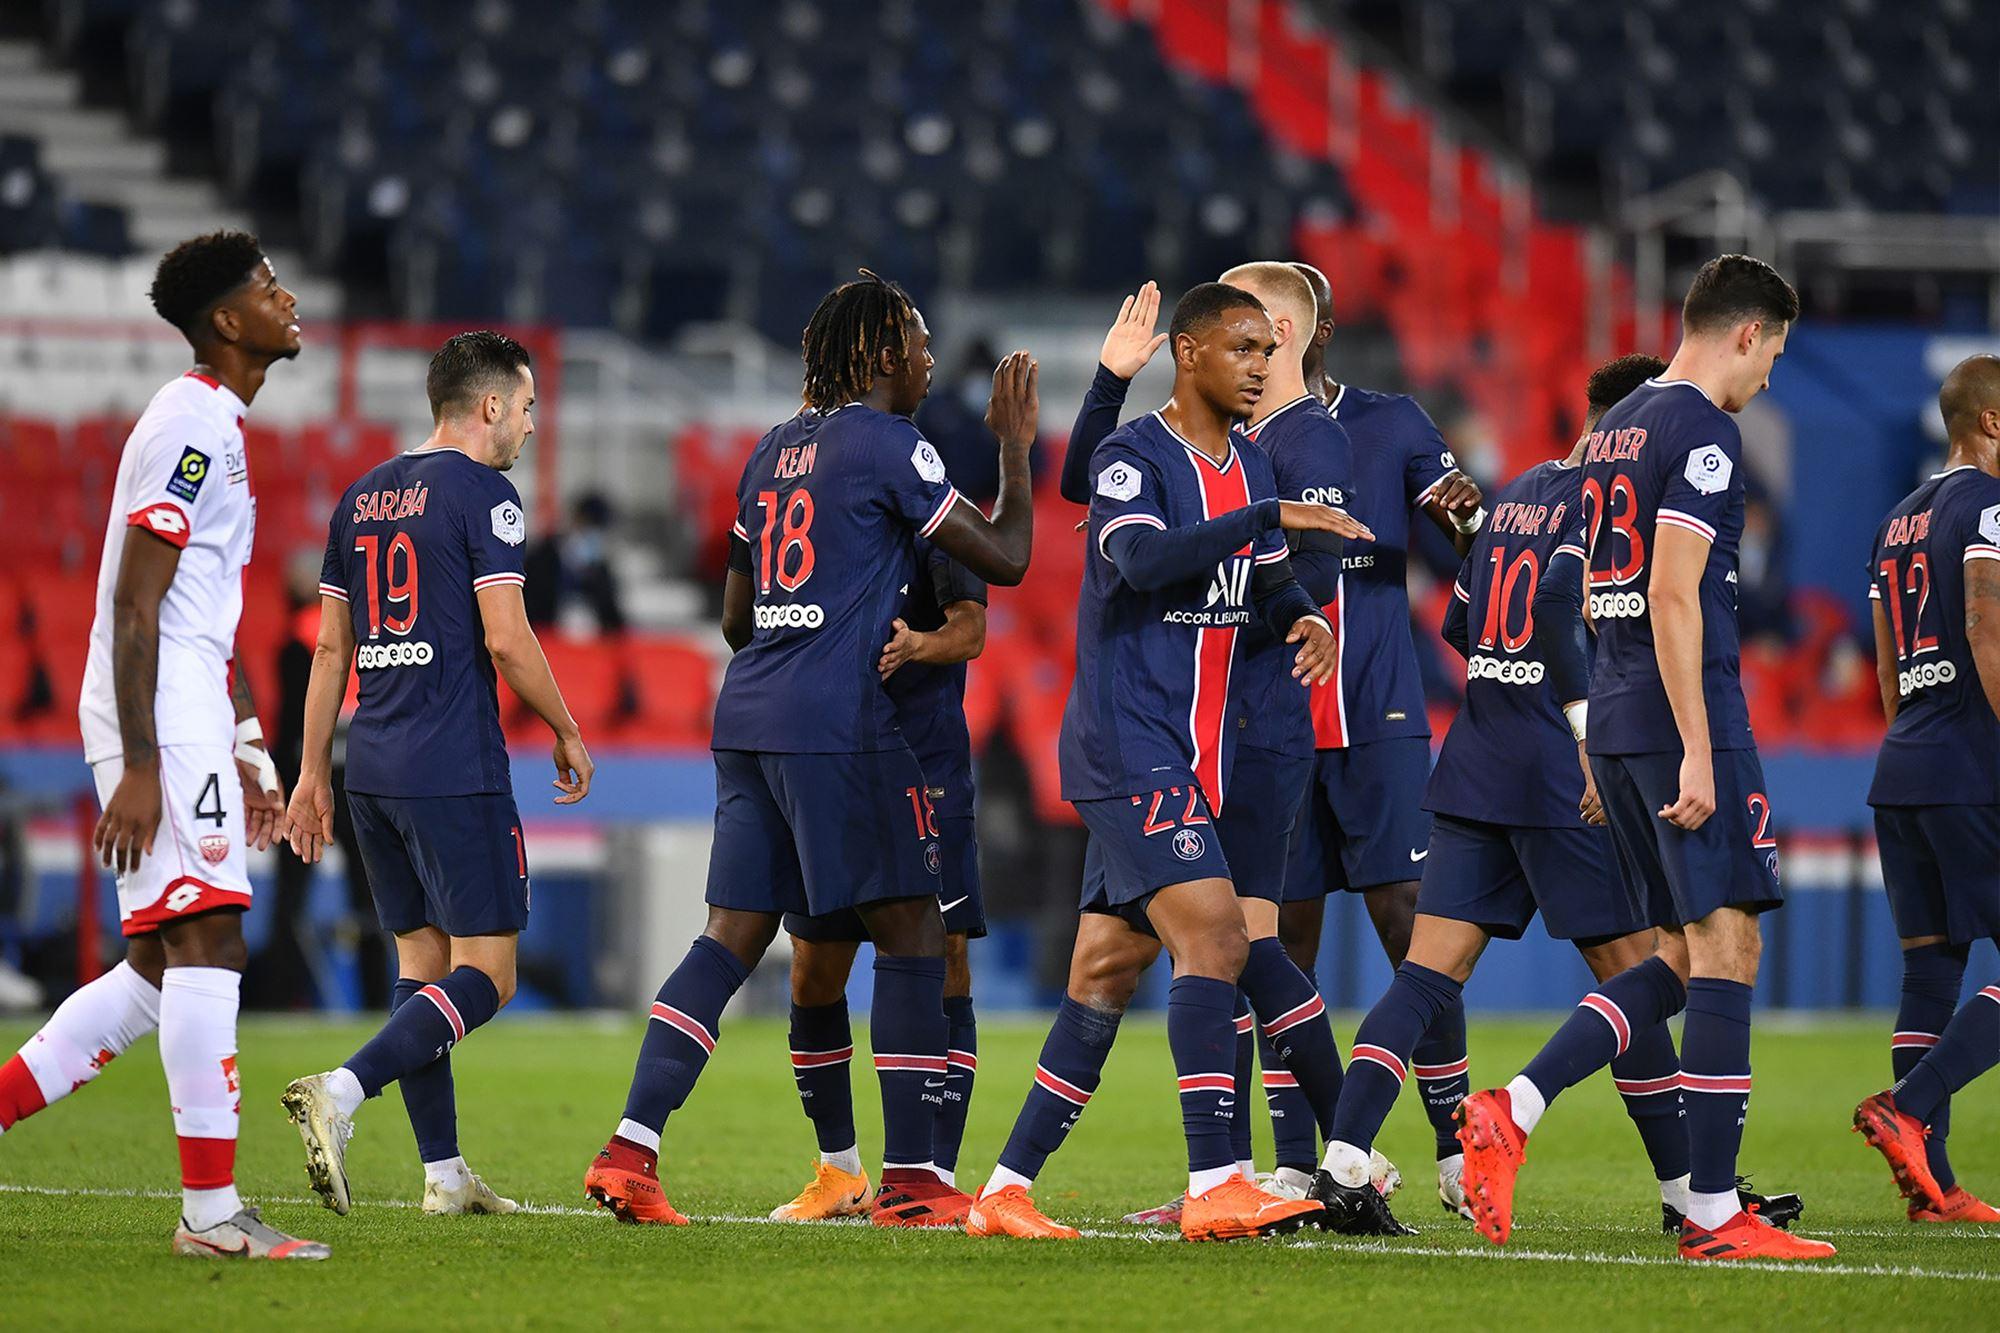 2021_PSG_Dijon_joiePSG - Histoire du #PSG